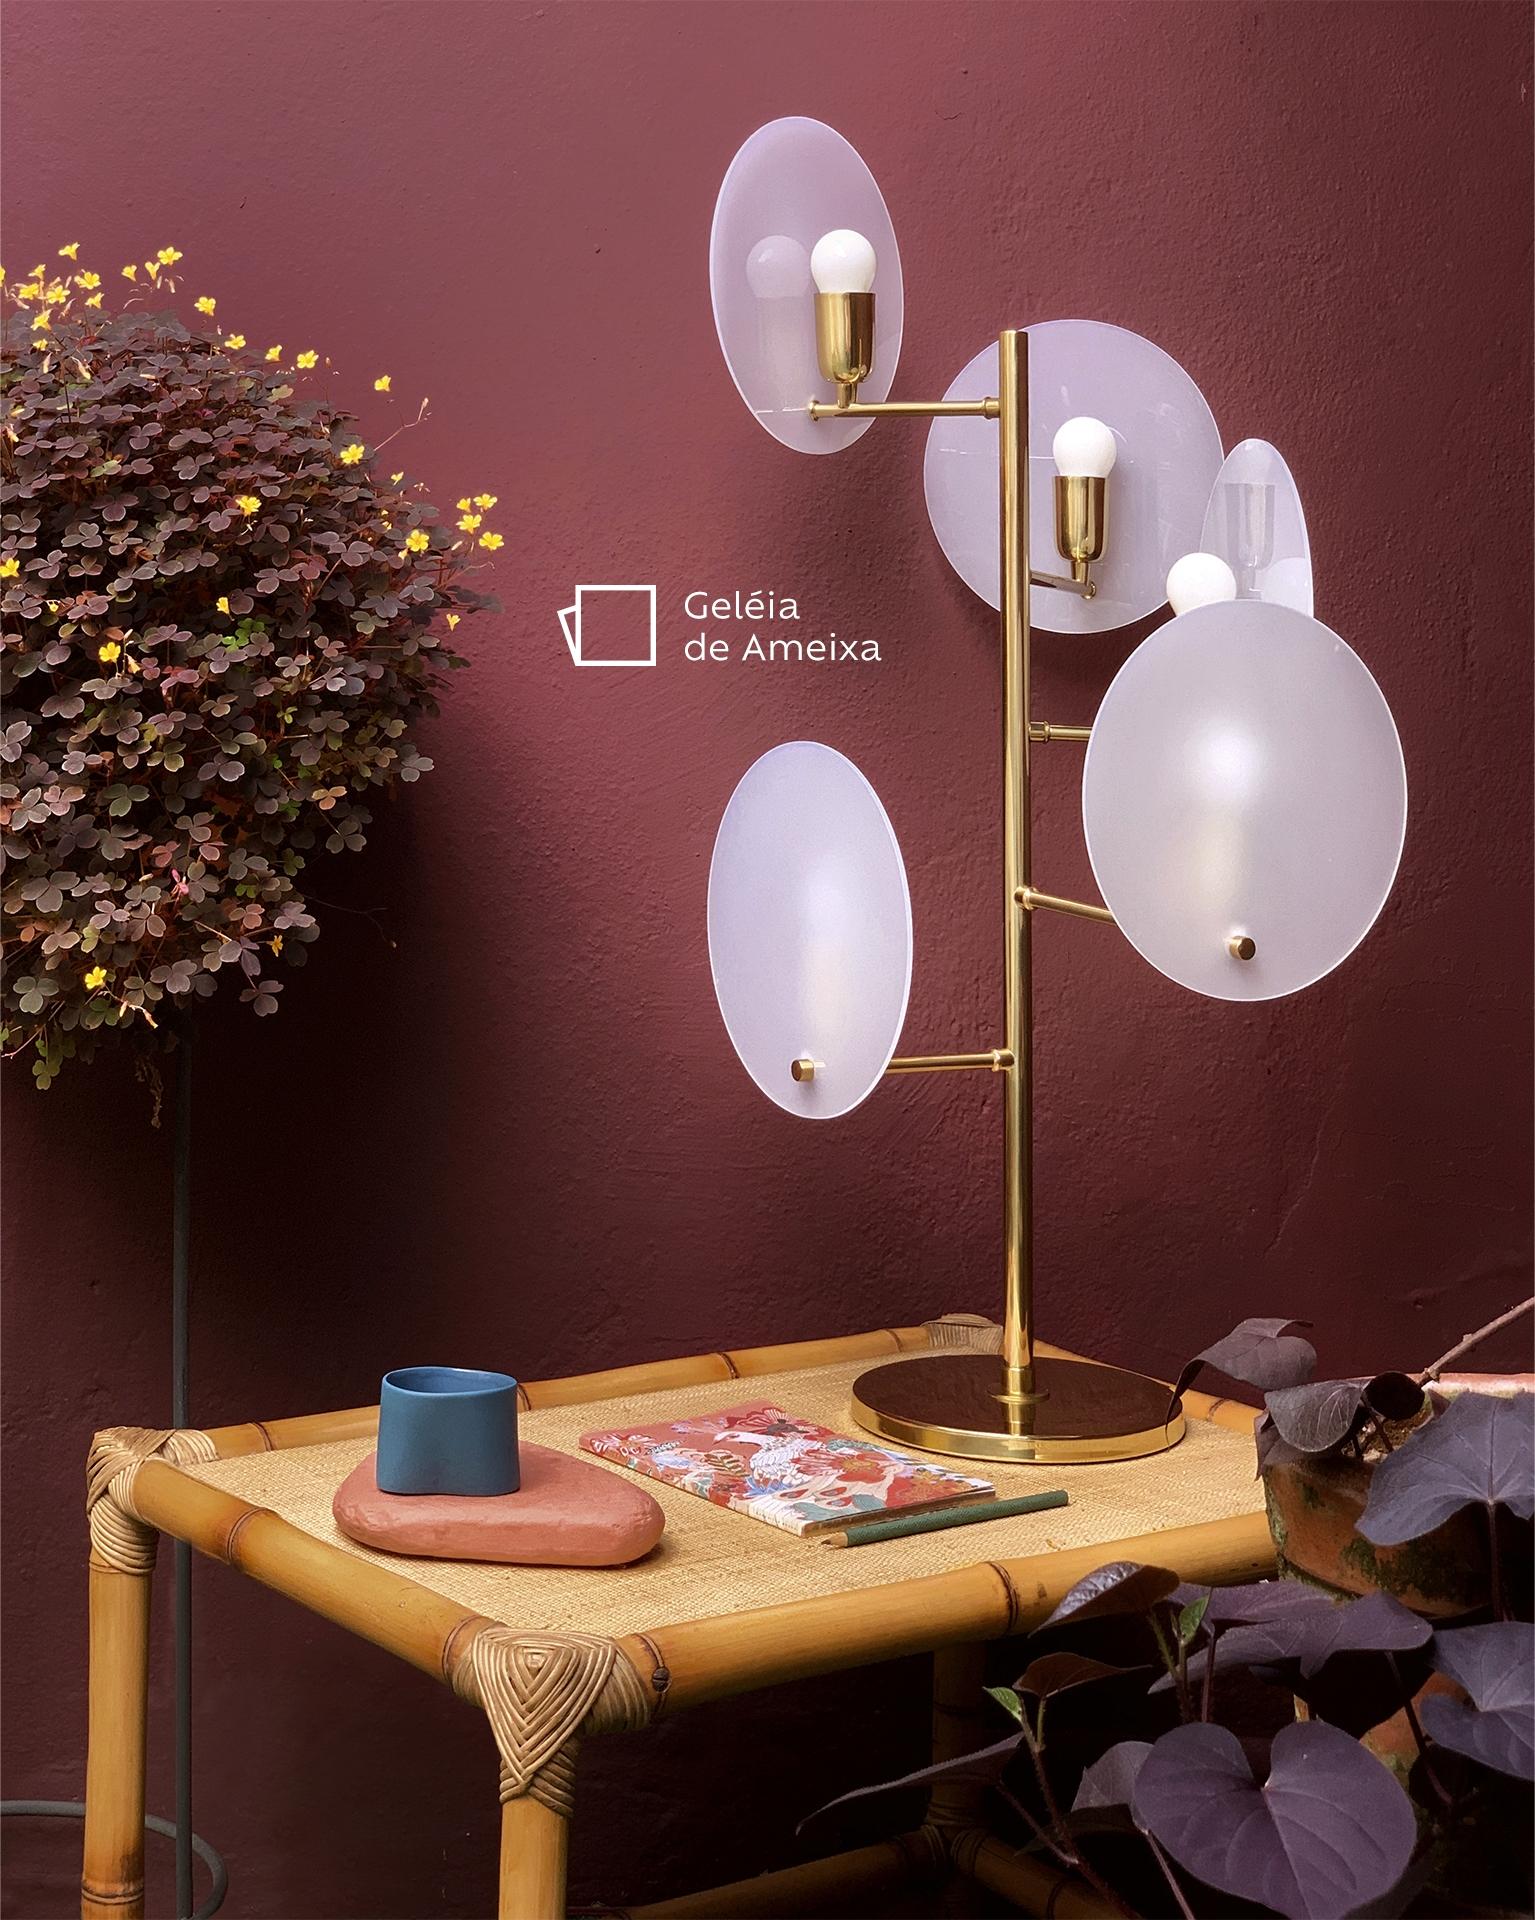 Na foto, vemos uma luminária, em cima de uma mesa de bambu, com quatro círculos ligados à uma base central. Na mesa, há um caderno com a capa florida e um lápis, e alguns itens de decoração. Ao fundo, uma árvore com folhas roxas e amarelas e a parede pintada na cor Geleia de Amora, com o ícone de cor.